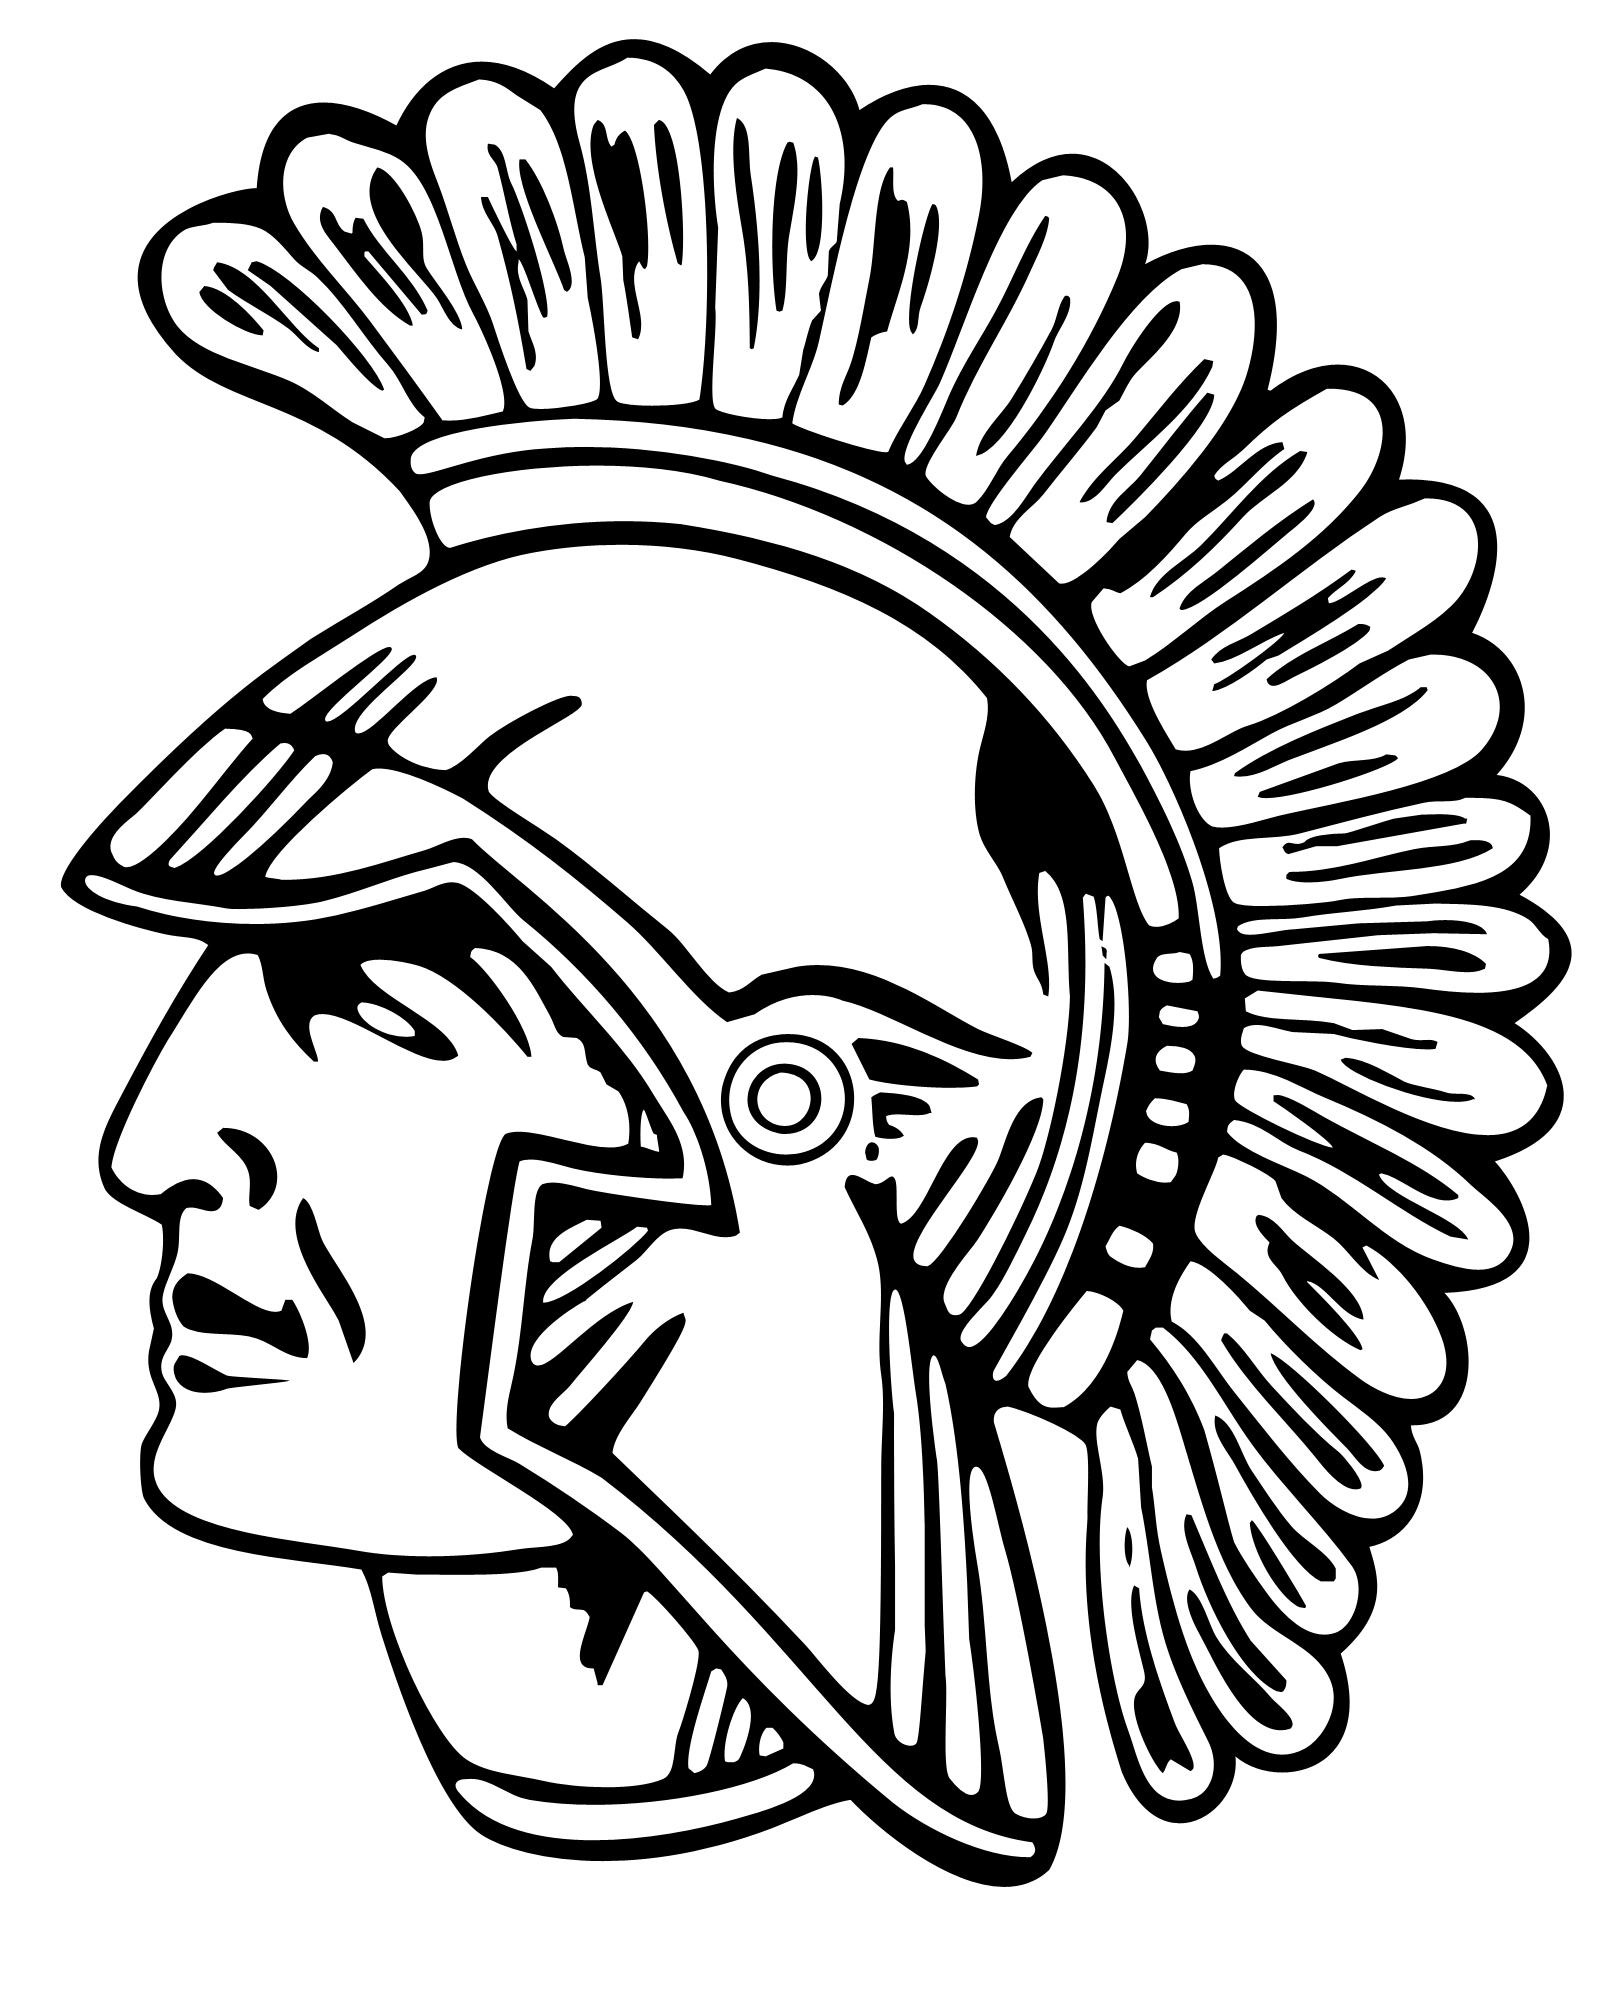 Gladiator clipart head Cliparts Trojan Trojan Head Logo